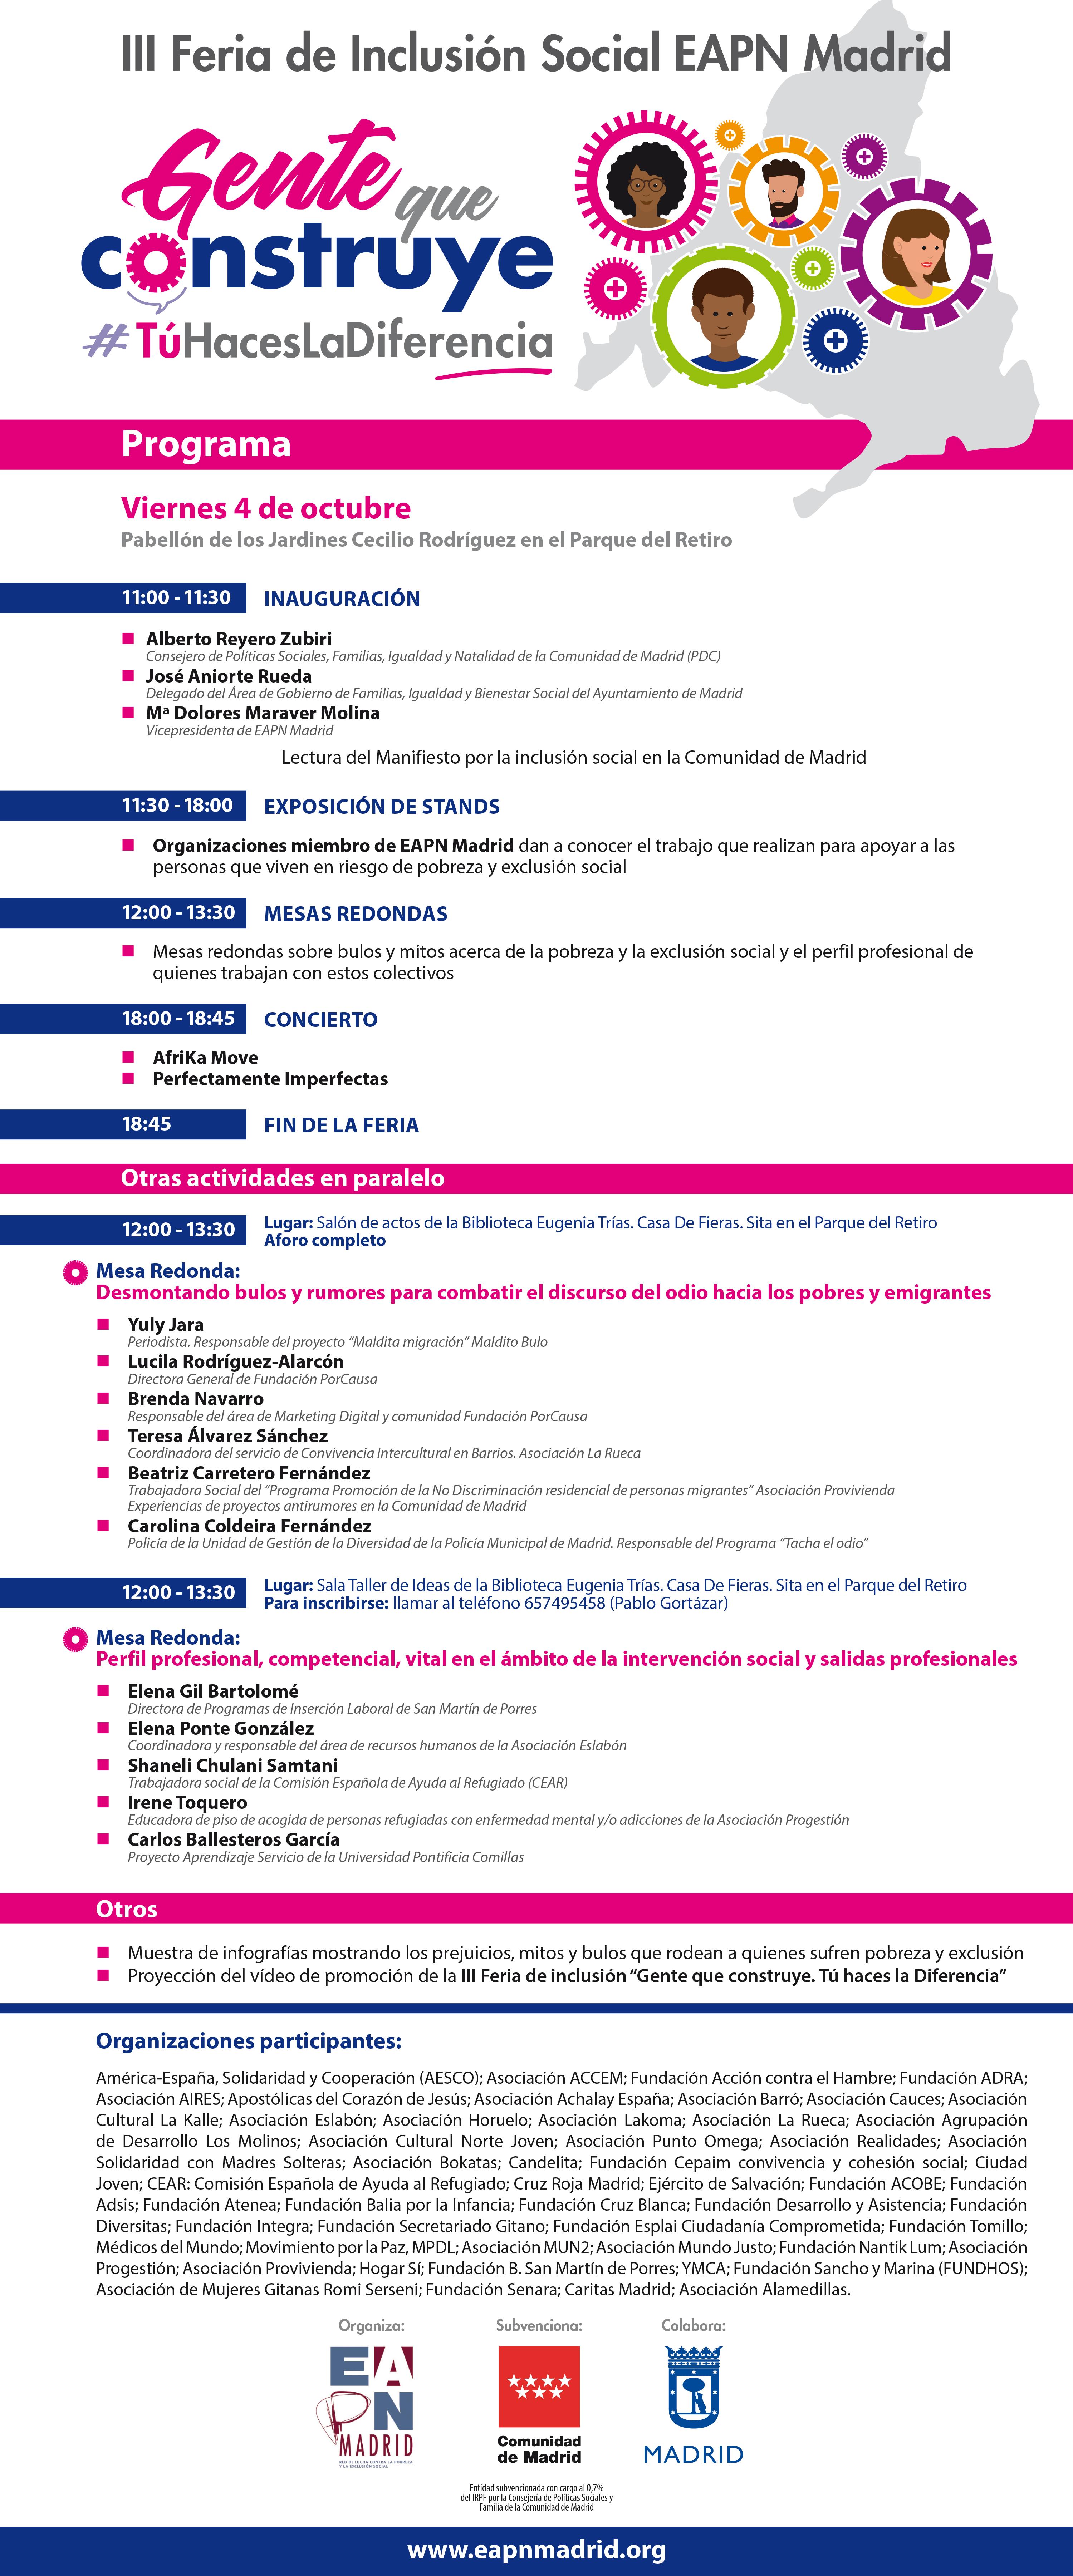 Programa de la III Feria de Inclusión social de EAPN Madrid